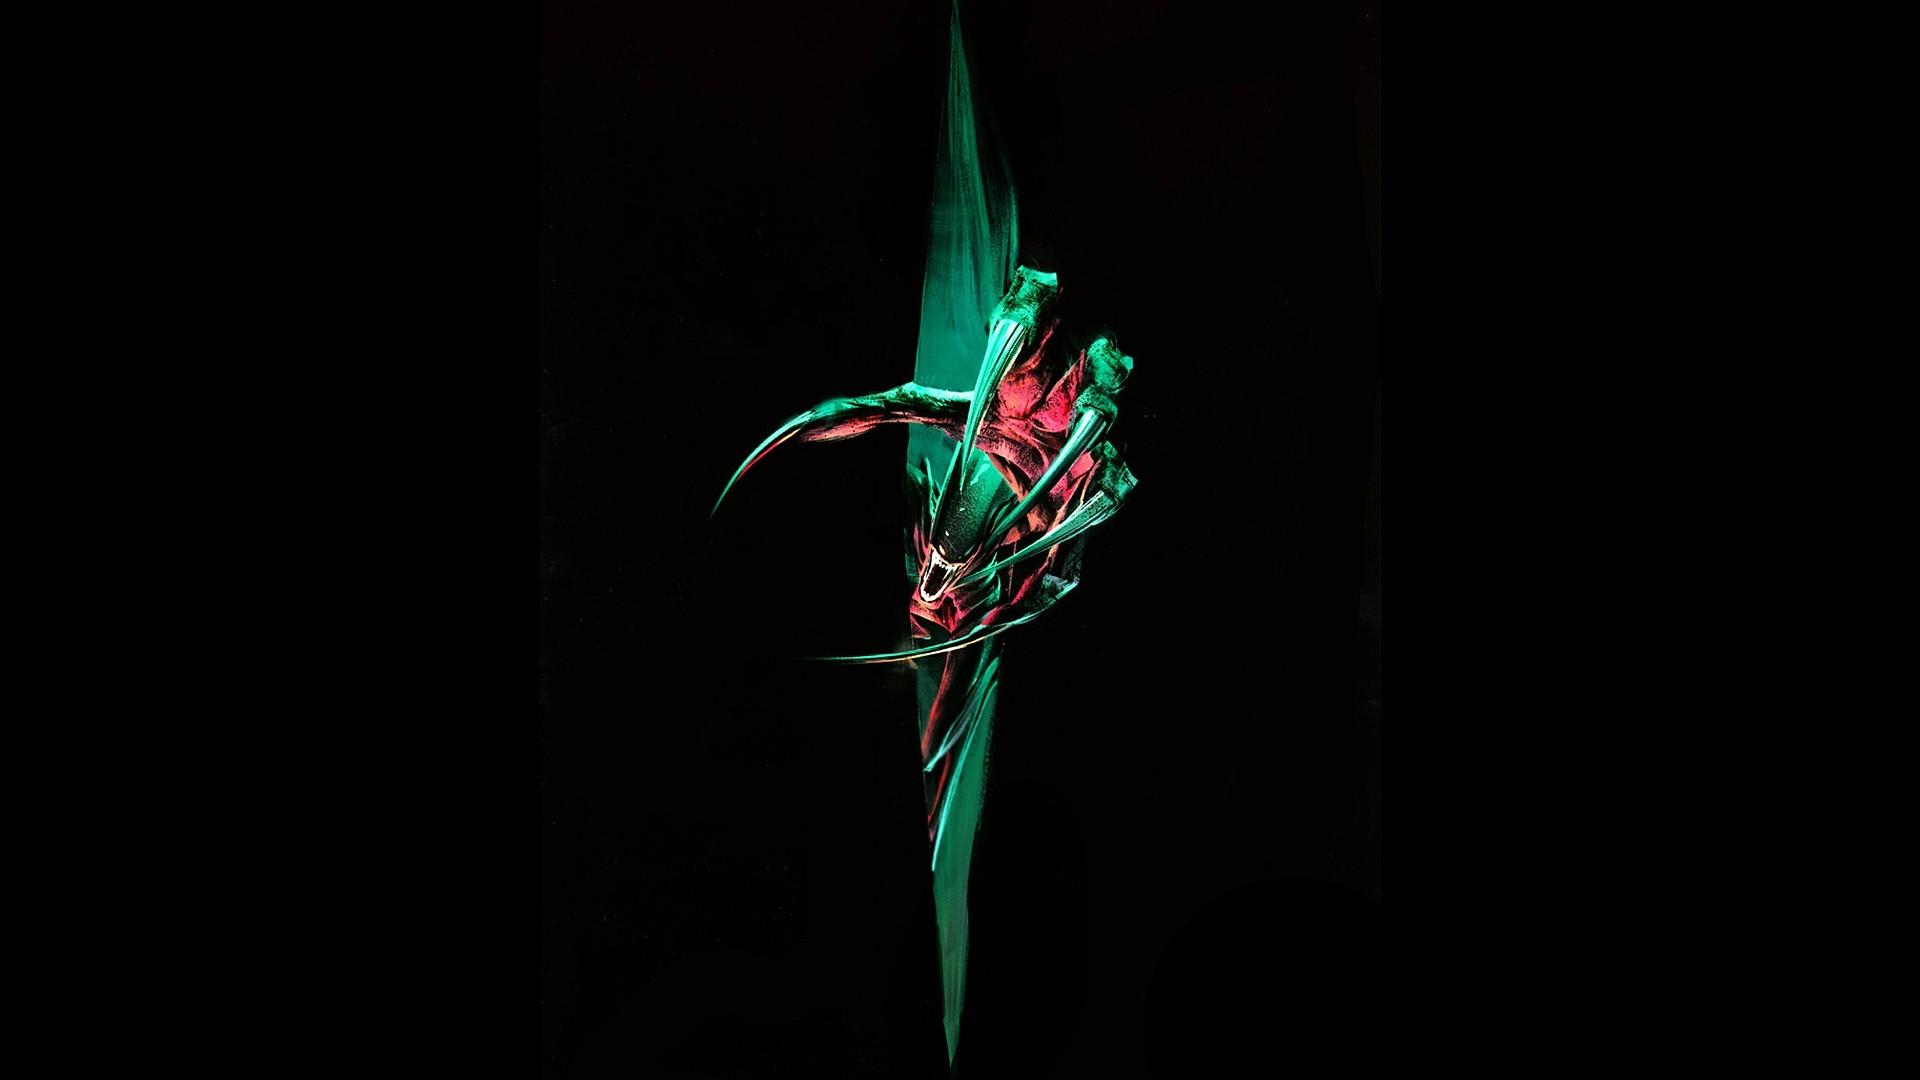 Alien Xenomorph-by Aram Vardazaryan Fan art Ridley Scott Alien .